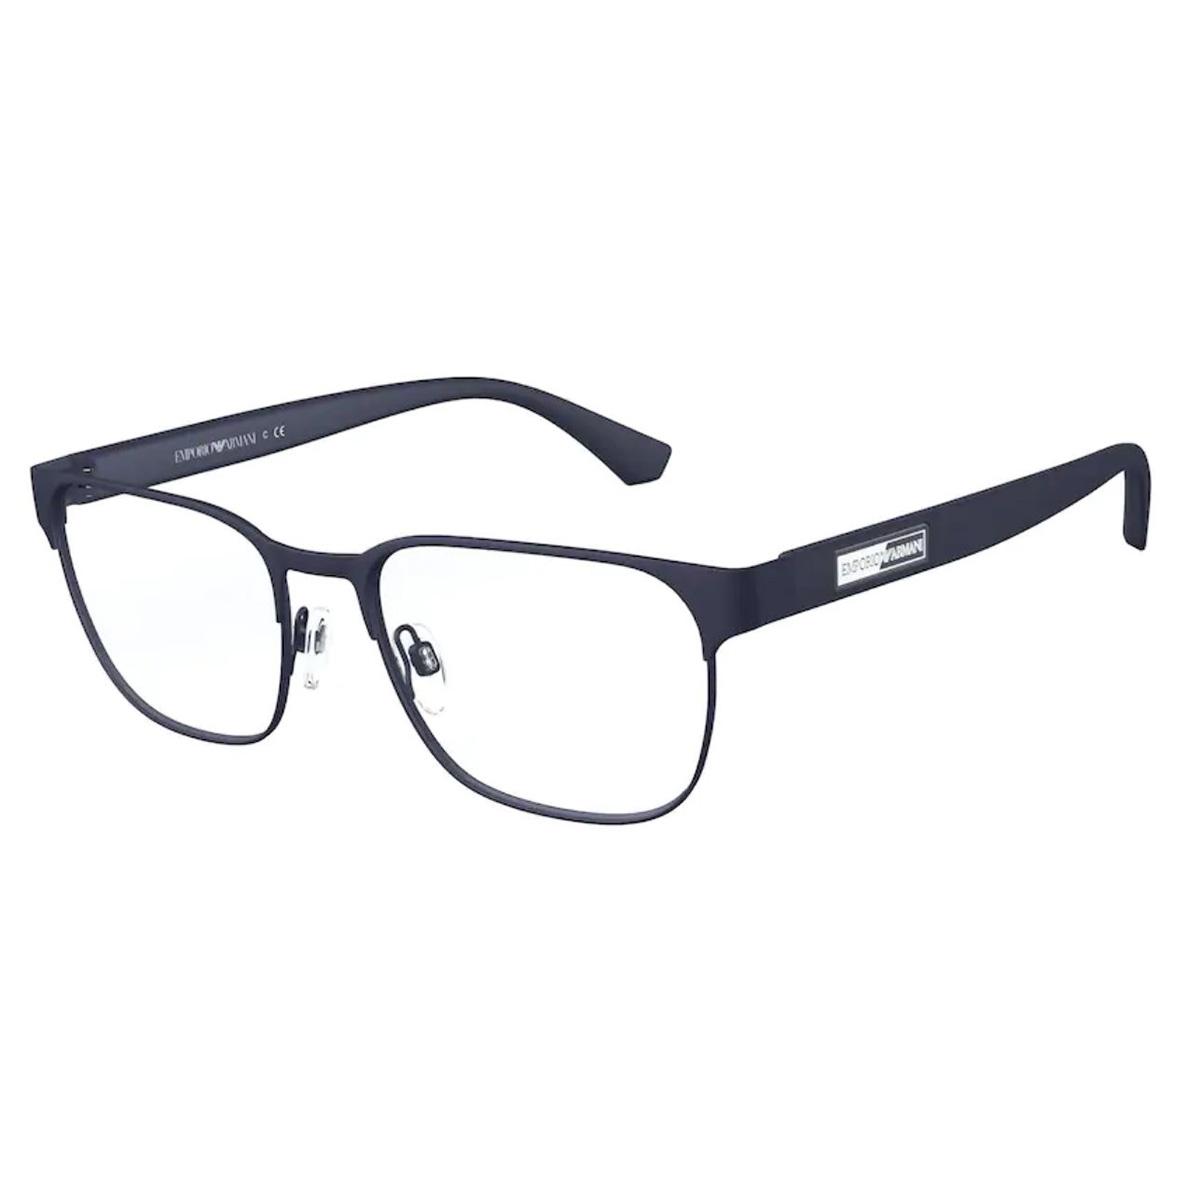 Armação de Óculos Empório Armani EA1103 Metal Azul Fosco